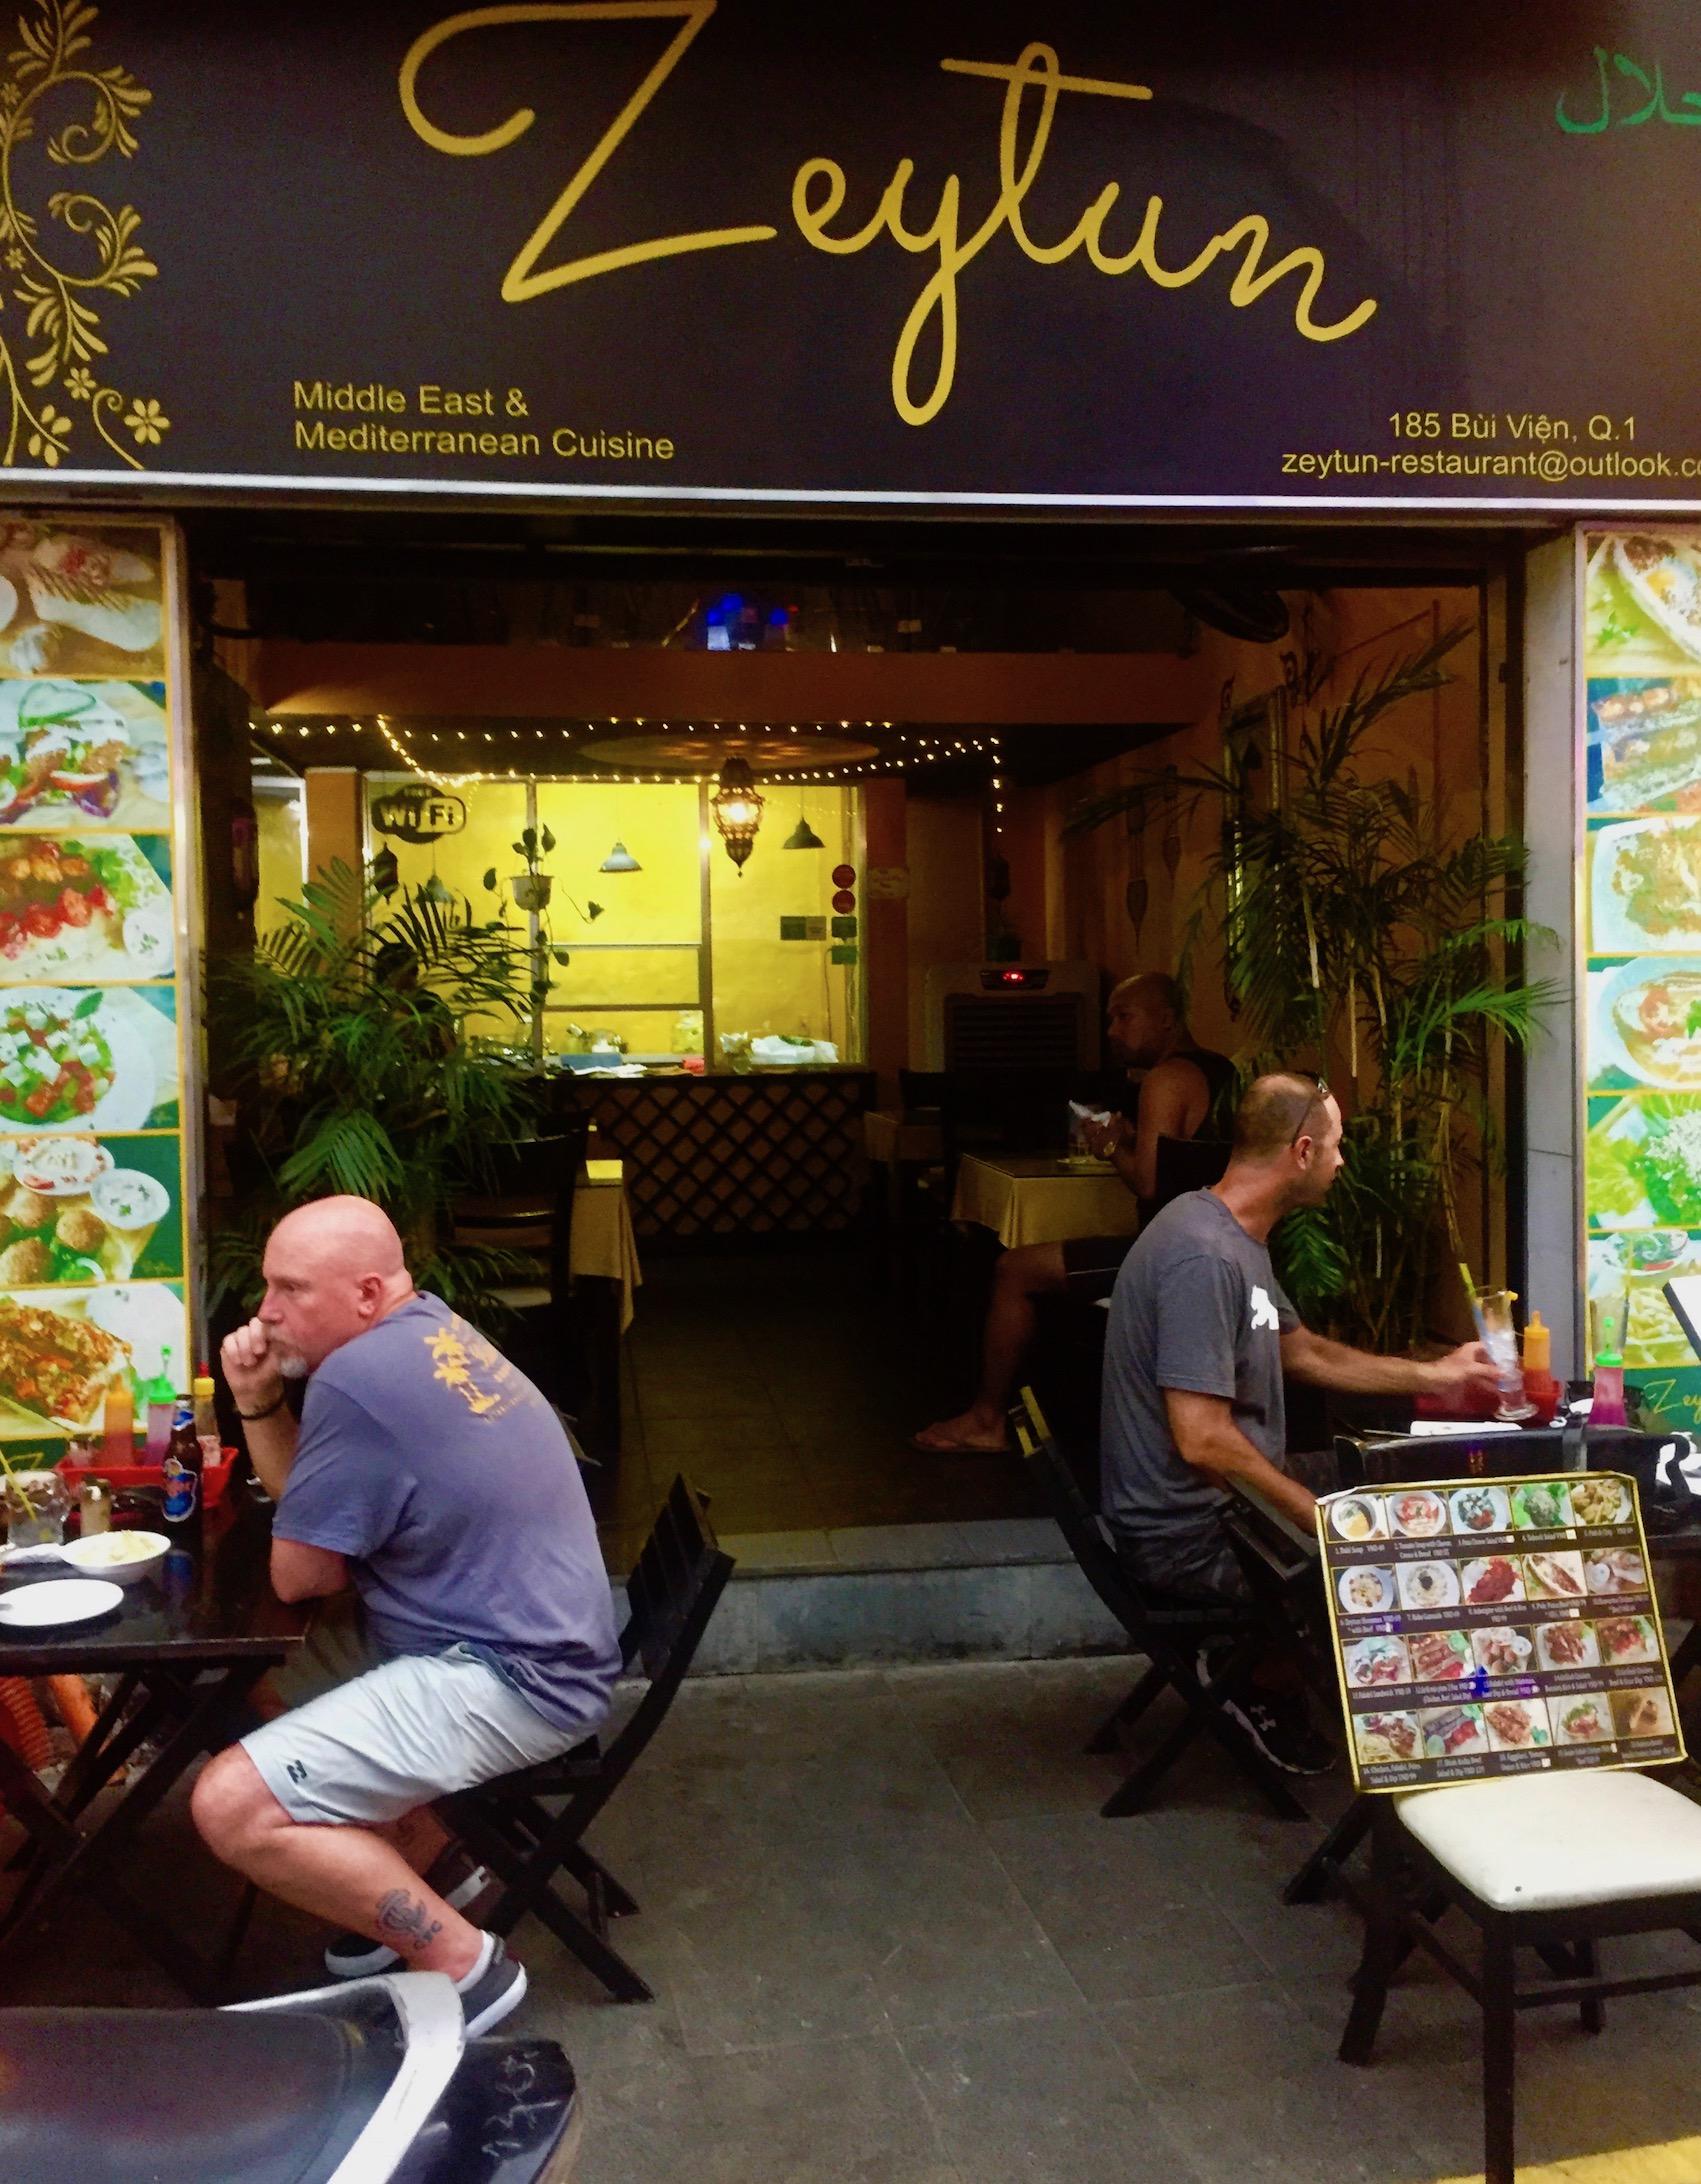 Hasil gambar untuk zeytun vietnam